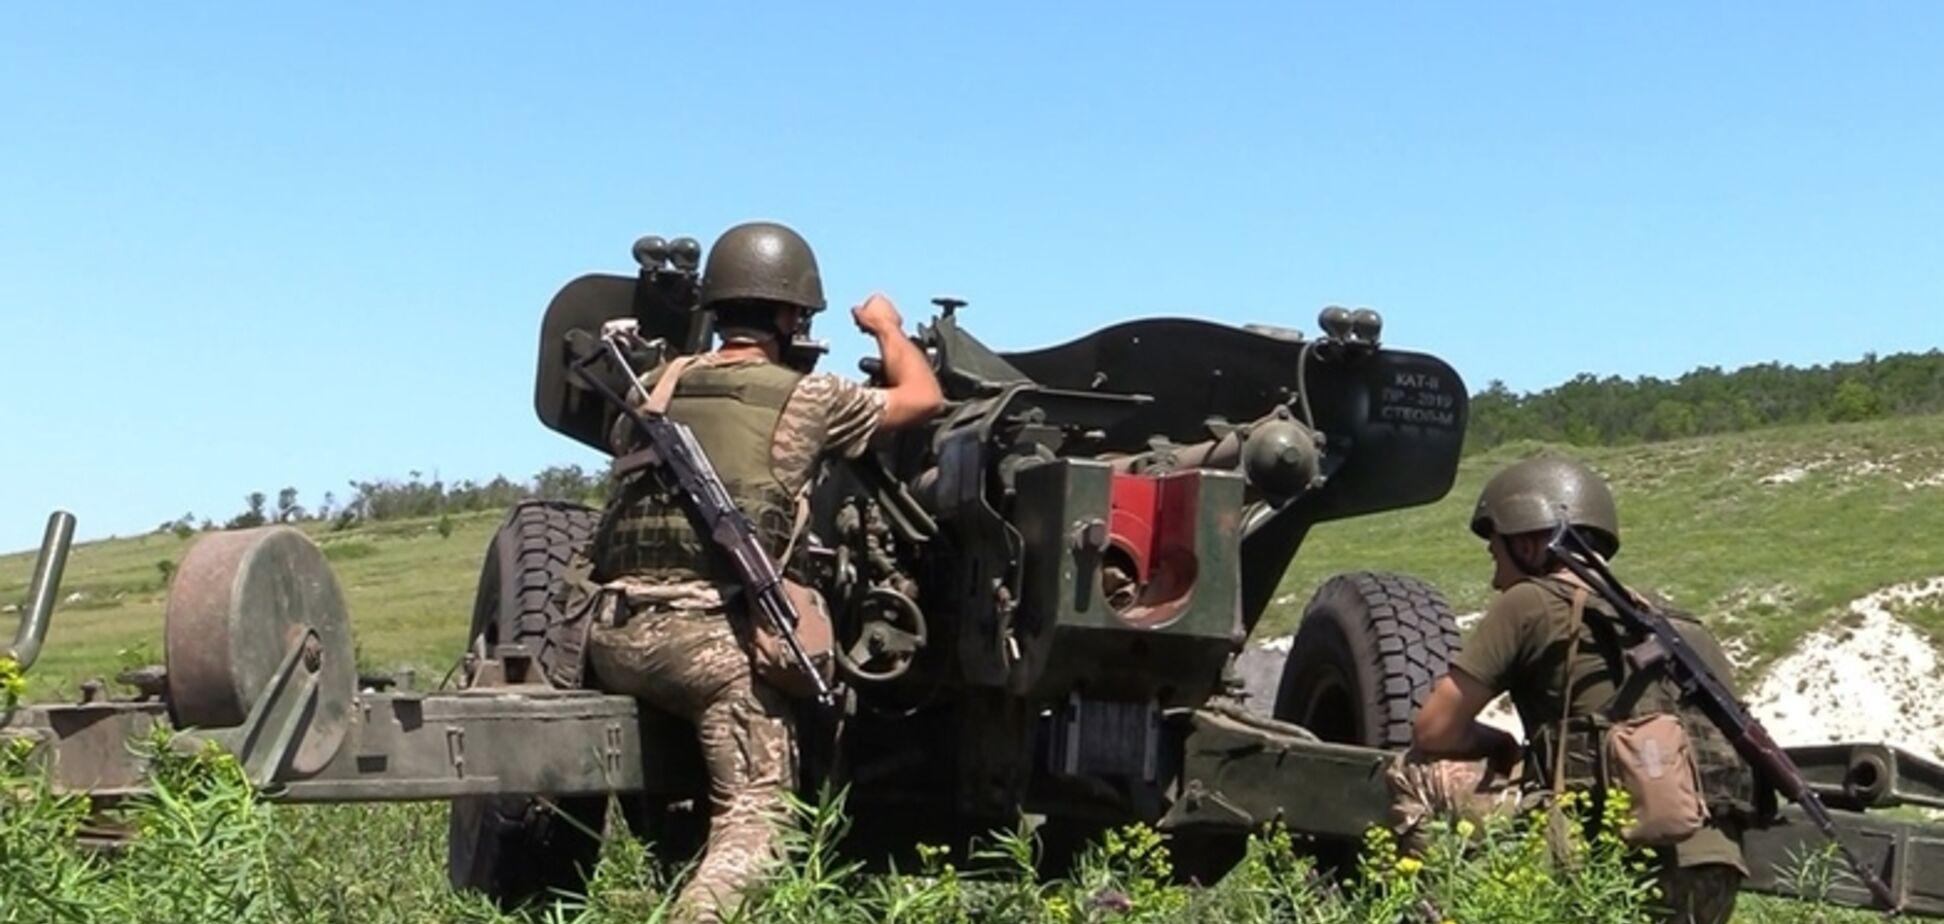 Террористы разбушевались на Донбассе: убит украинский военный, есть раненые